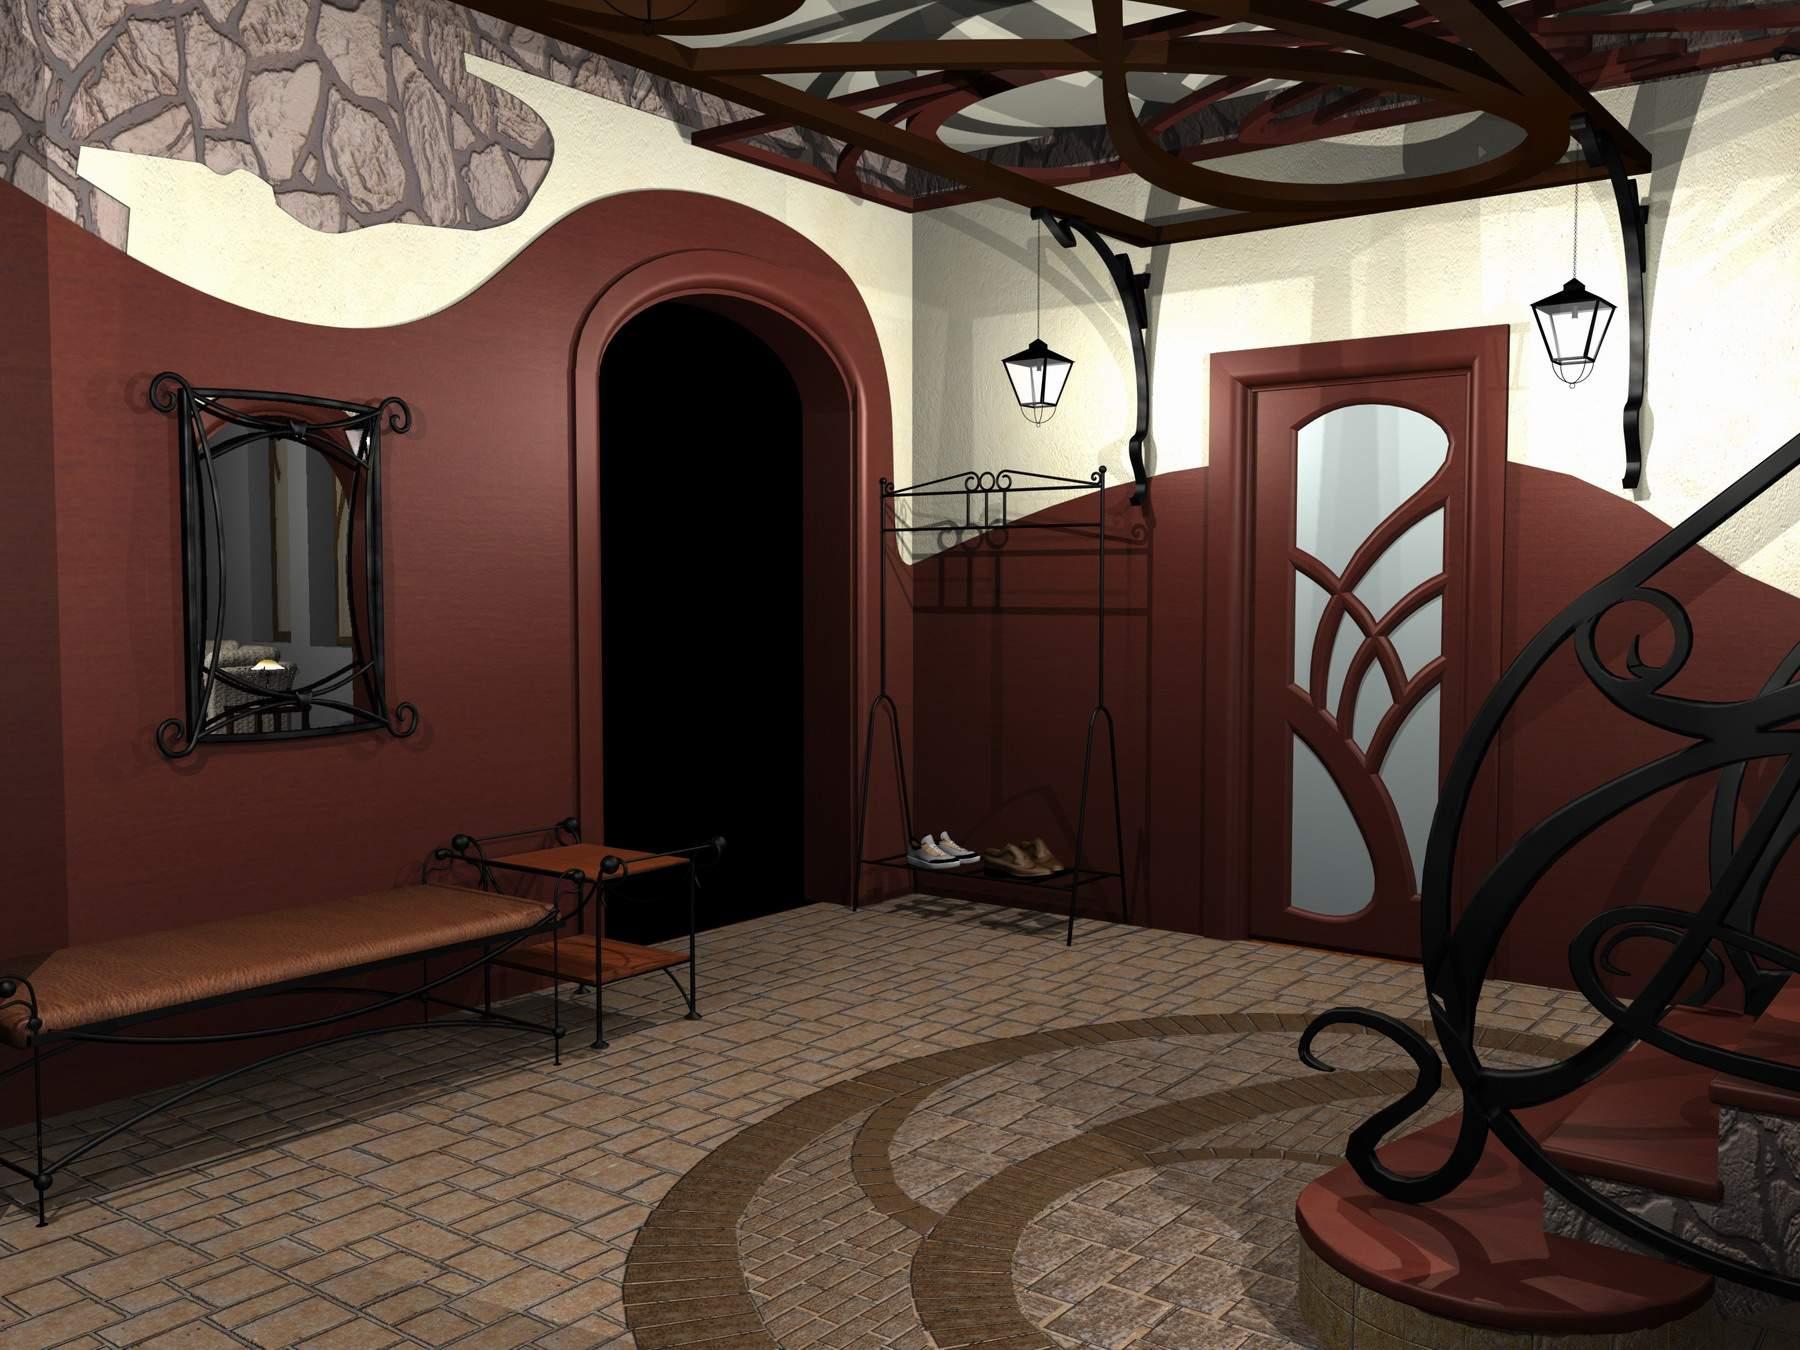 Interior Wall Design 15 Home Ideas - EnhancedHomes.org